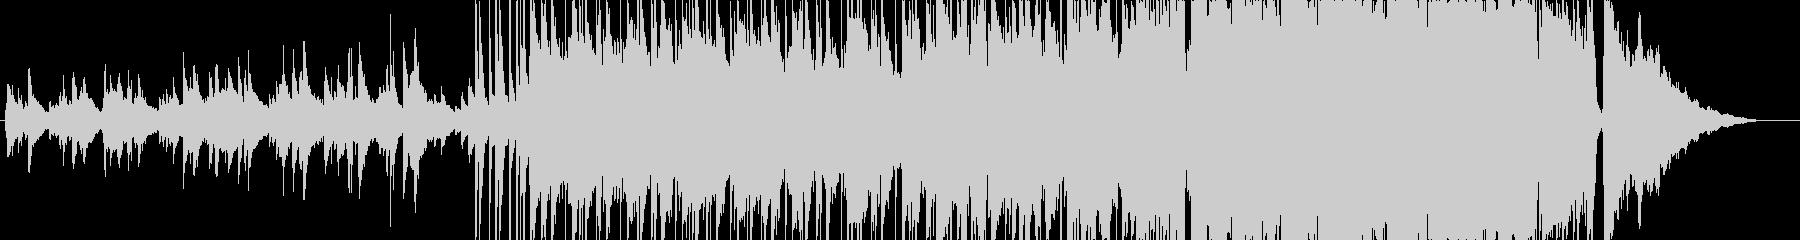 始まりを予感させるポップインストの未再生の波形